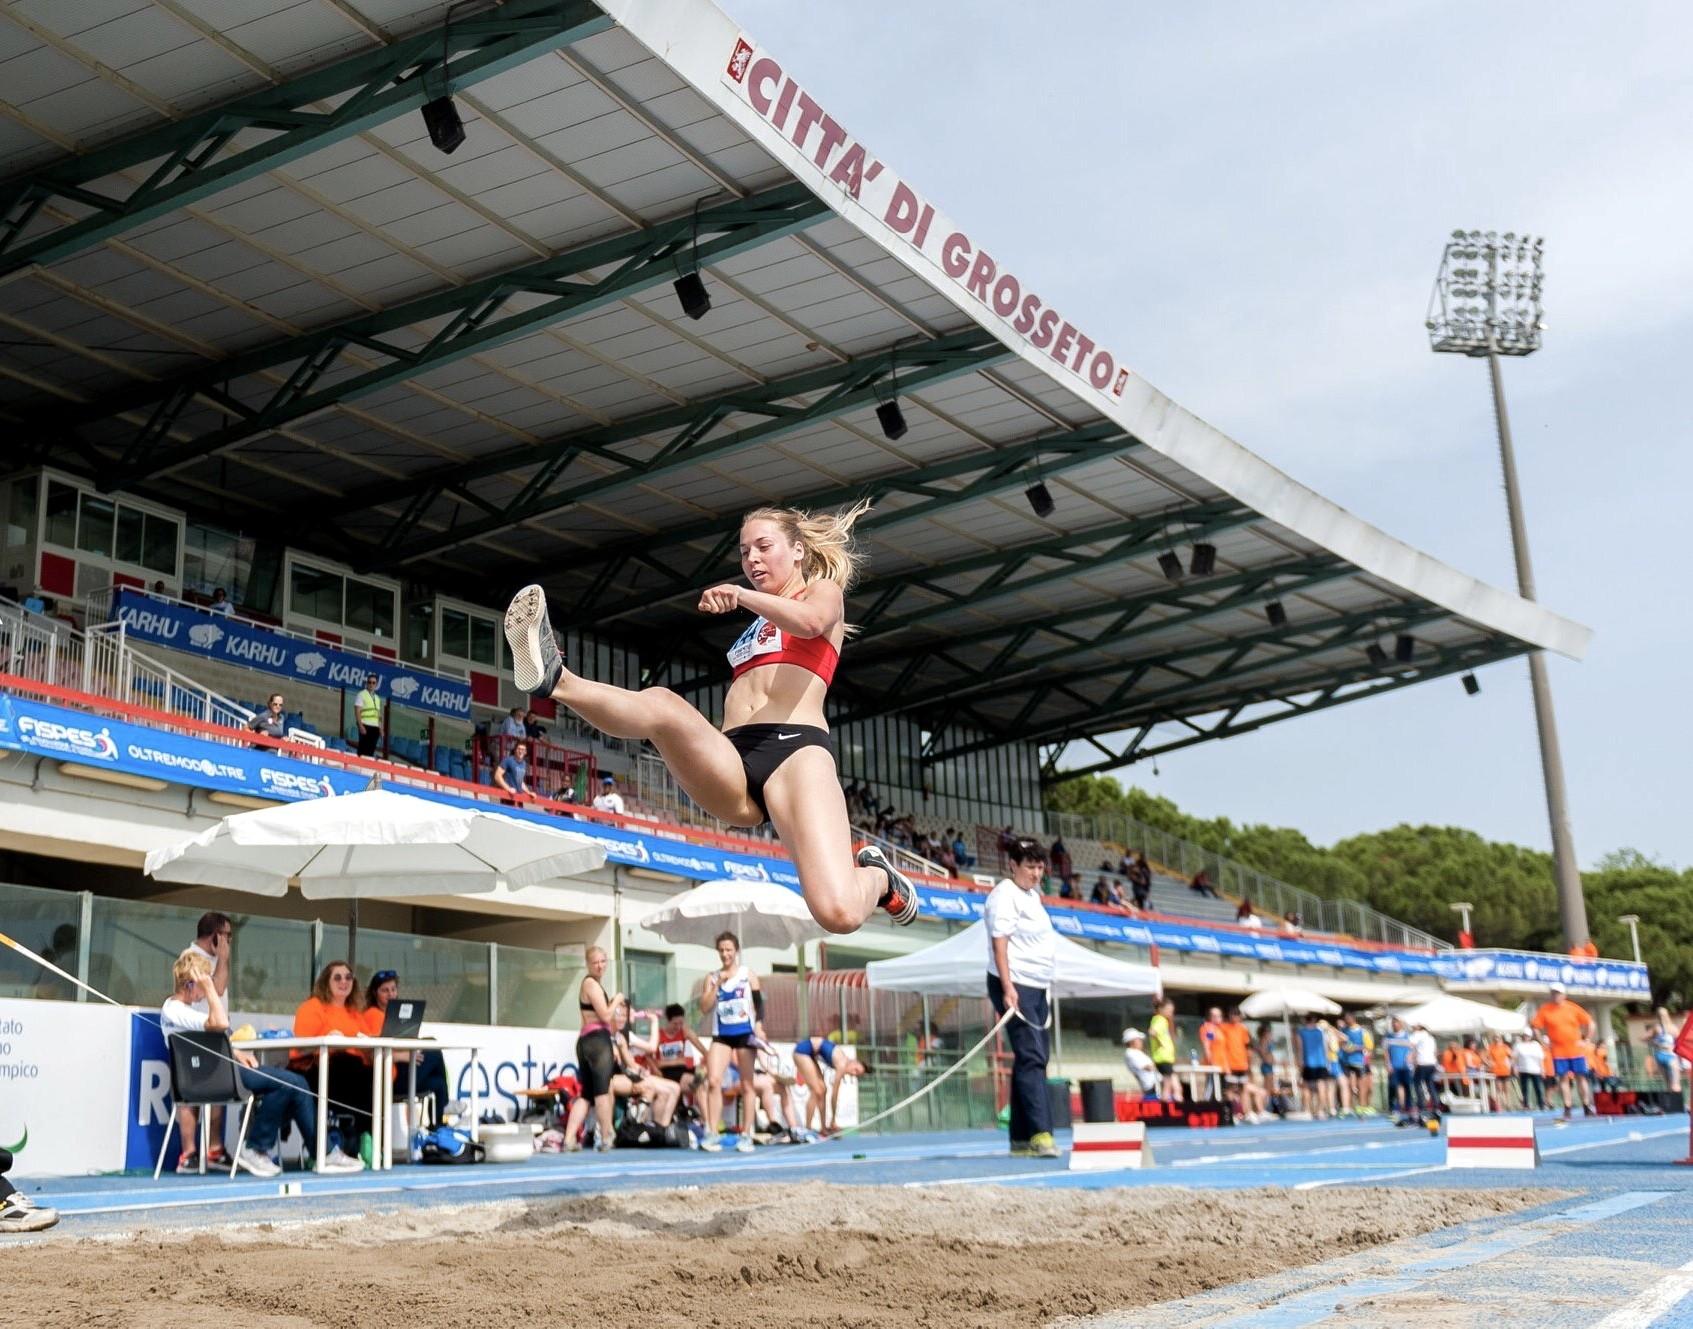 Ekler Luca világrekordja a tokiói olimpia előtt